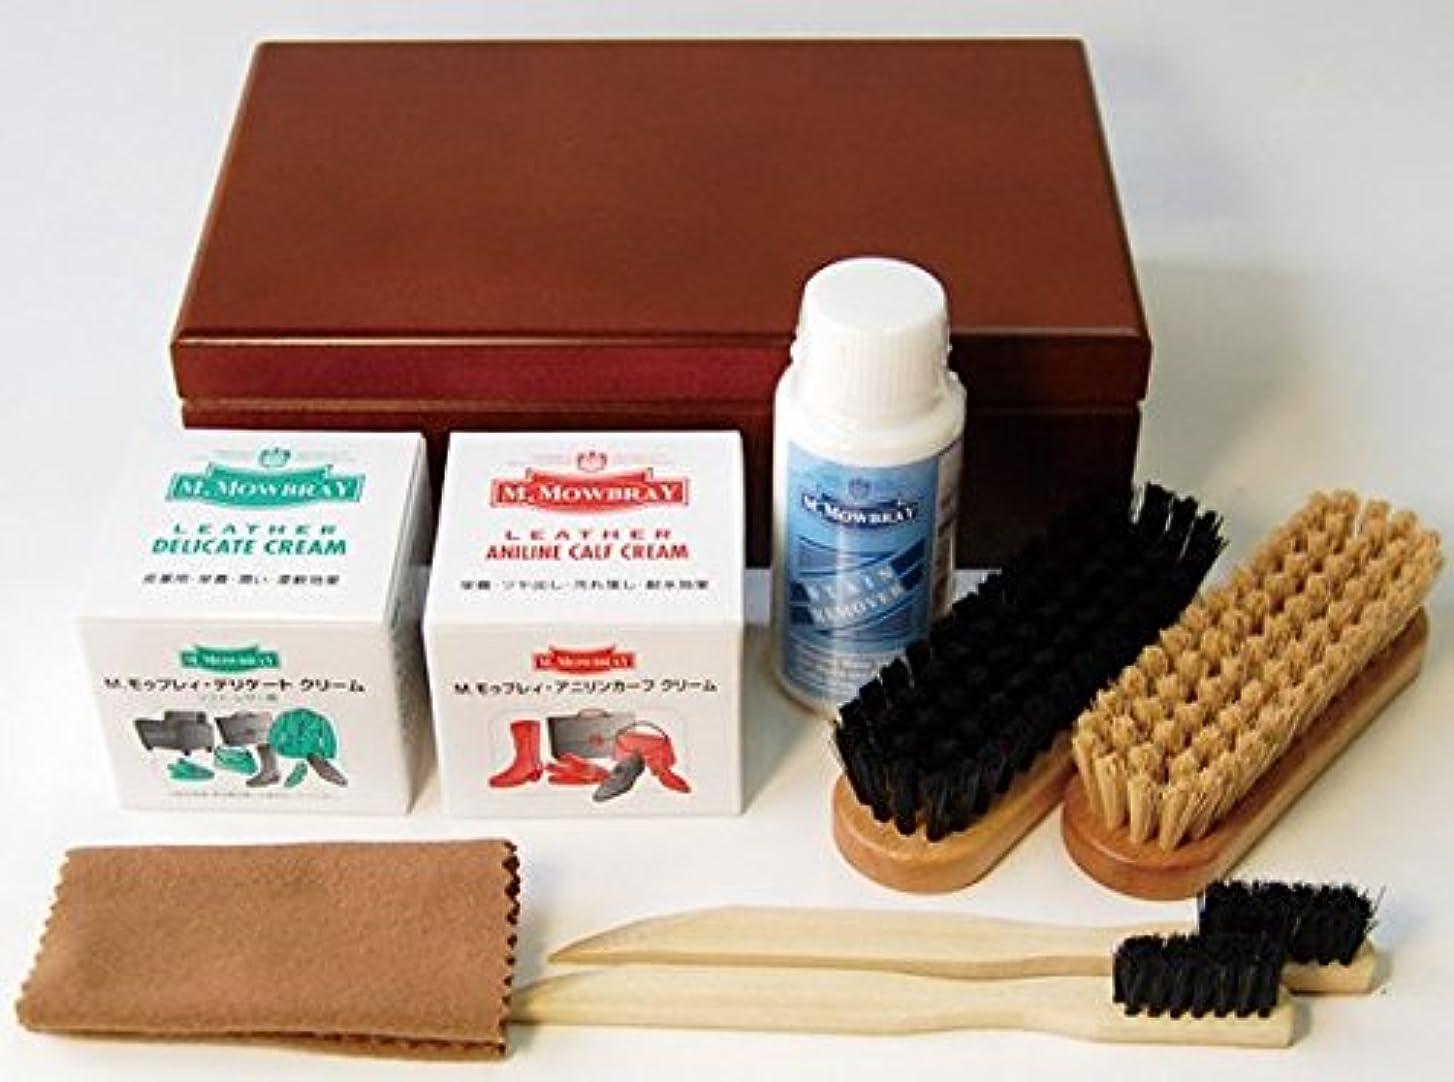 ぎこちないお手伝いさん教養がある[M.MOWBRAY] M.モゥブレィ シューケア セントジョージセット/ ベーシックな革製品のお手入れはこれで完璧